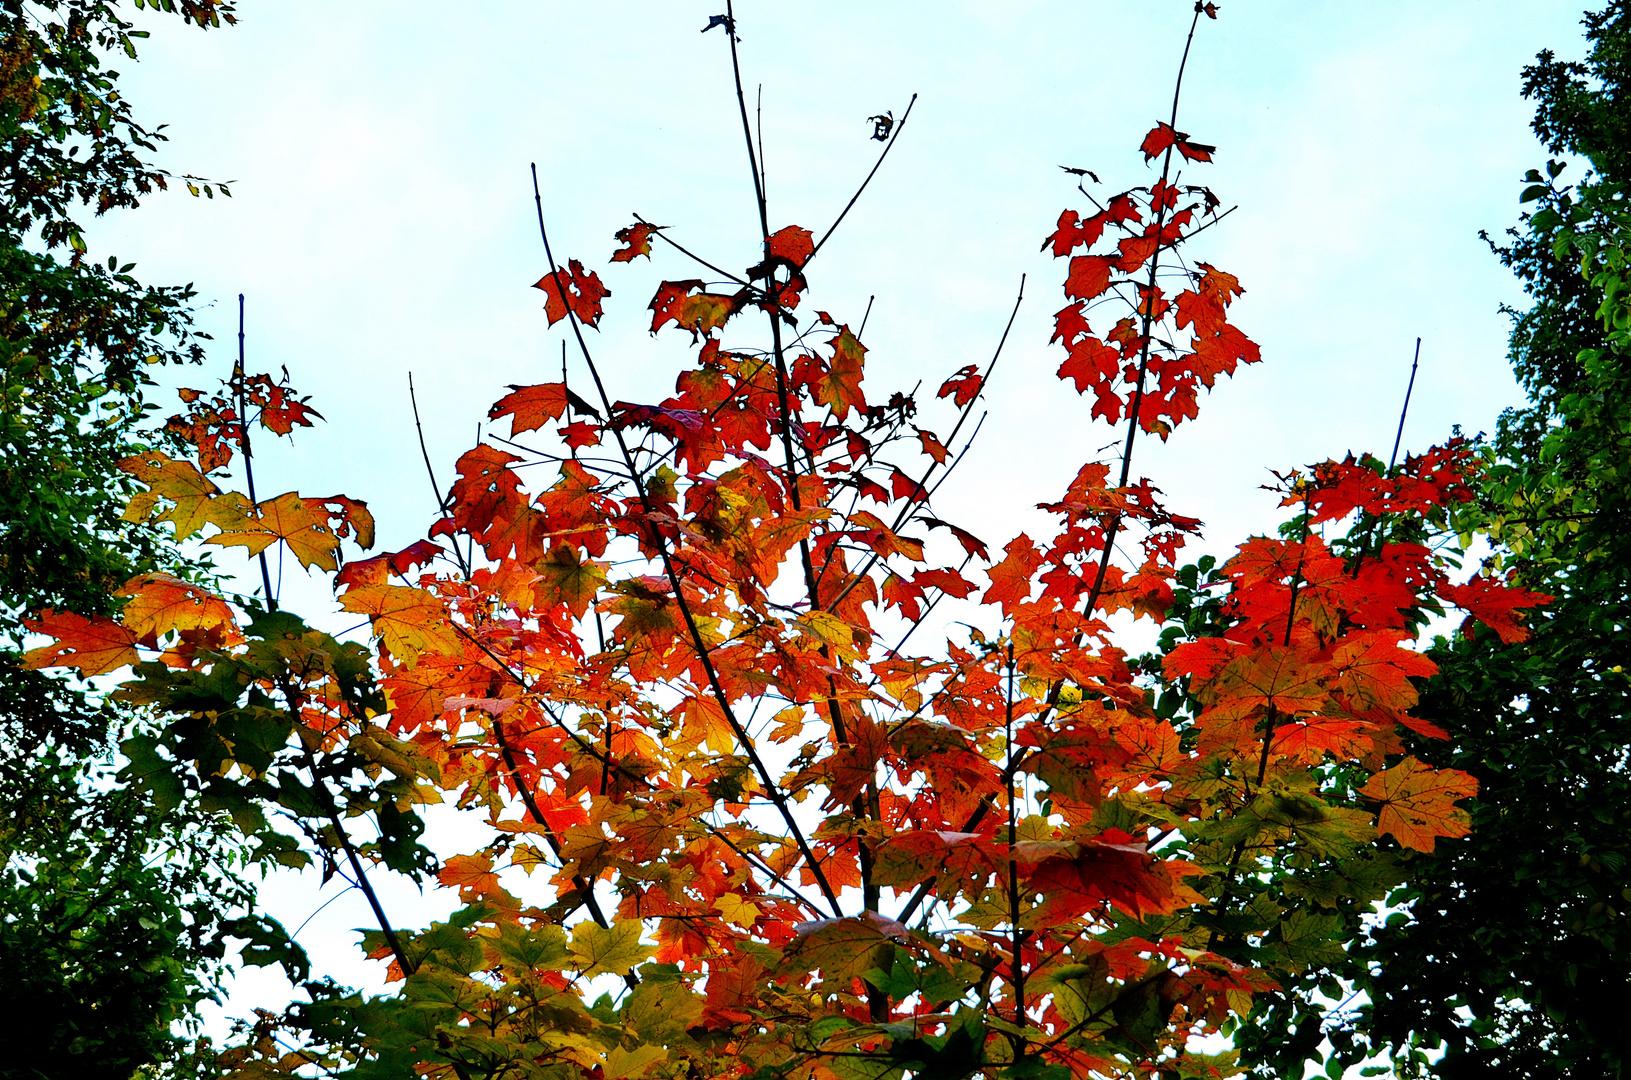 Der Herbst zeigt sich von seiner freundlichen Seite .....